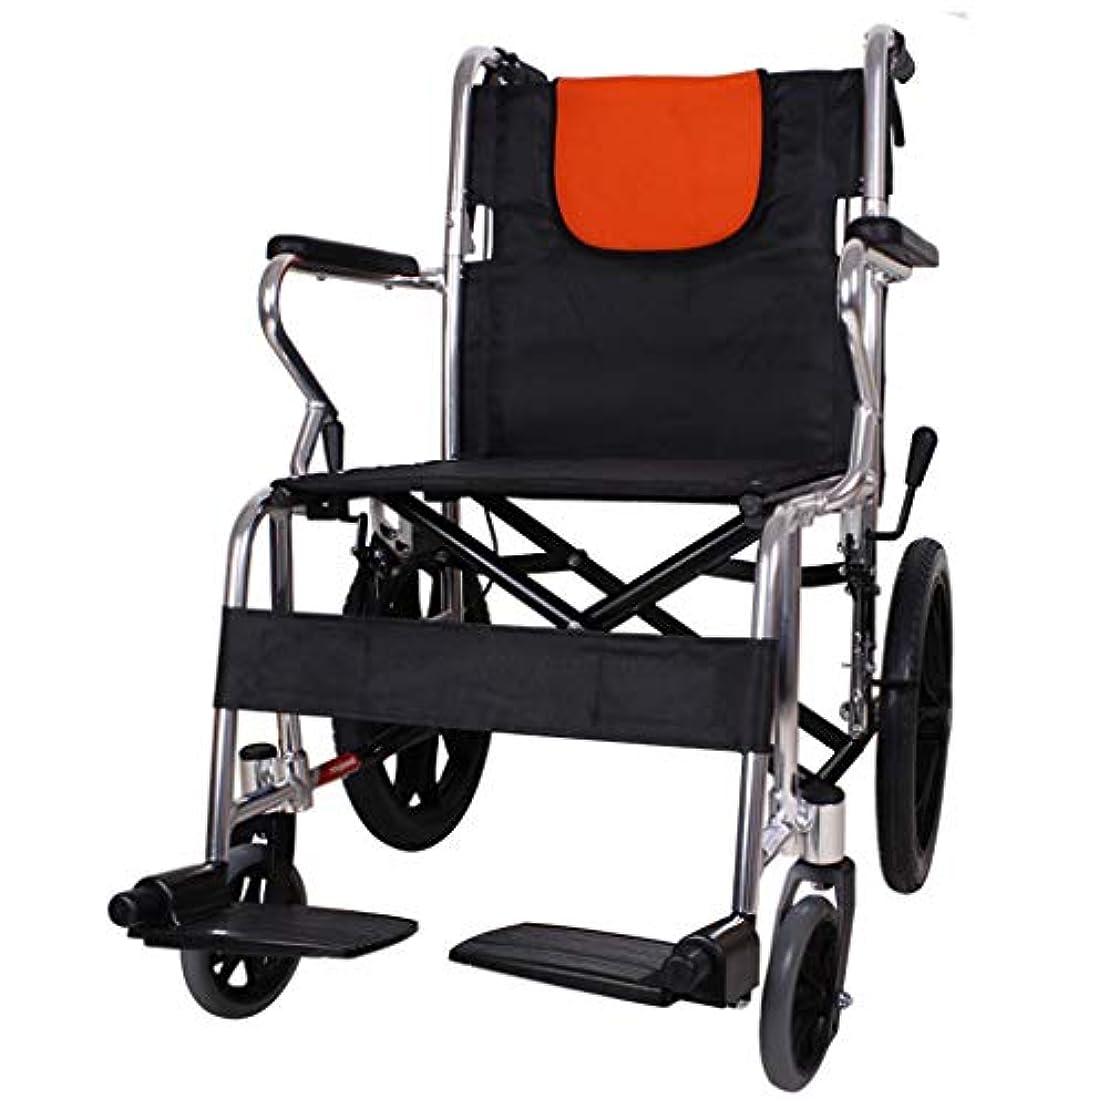 ホイッスル廃棄流行しているハンドプッシュ車椅子、折りたたみ式、手動プッシュ式歩行装置、成人および障害者用アルミニウム旅行スクーターに適しています